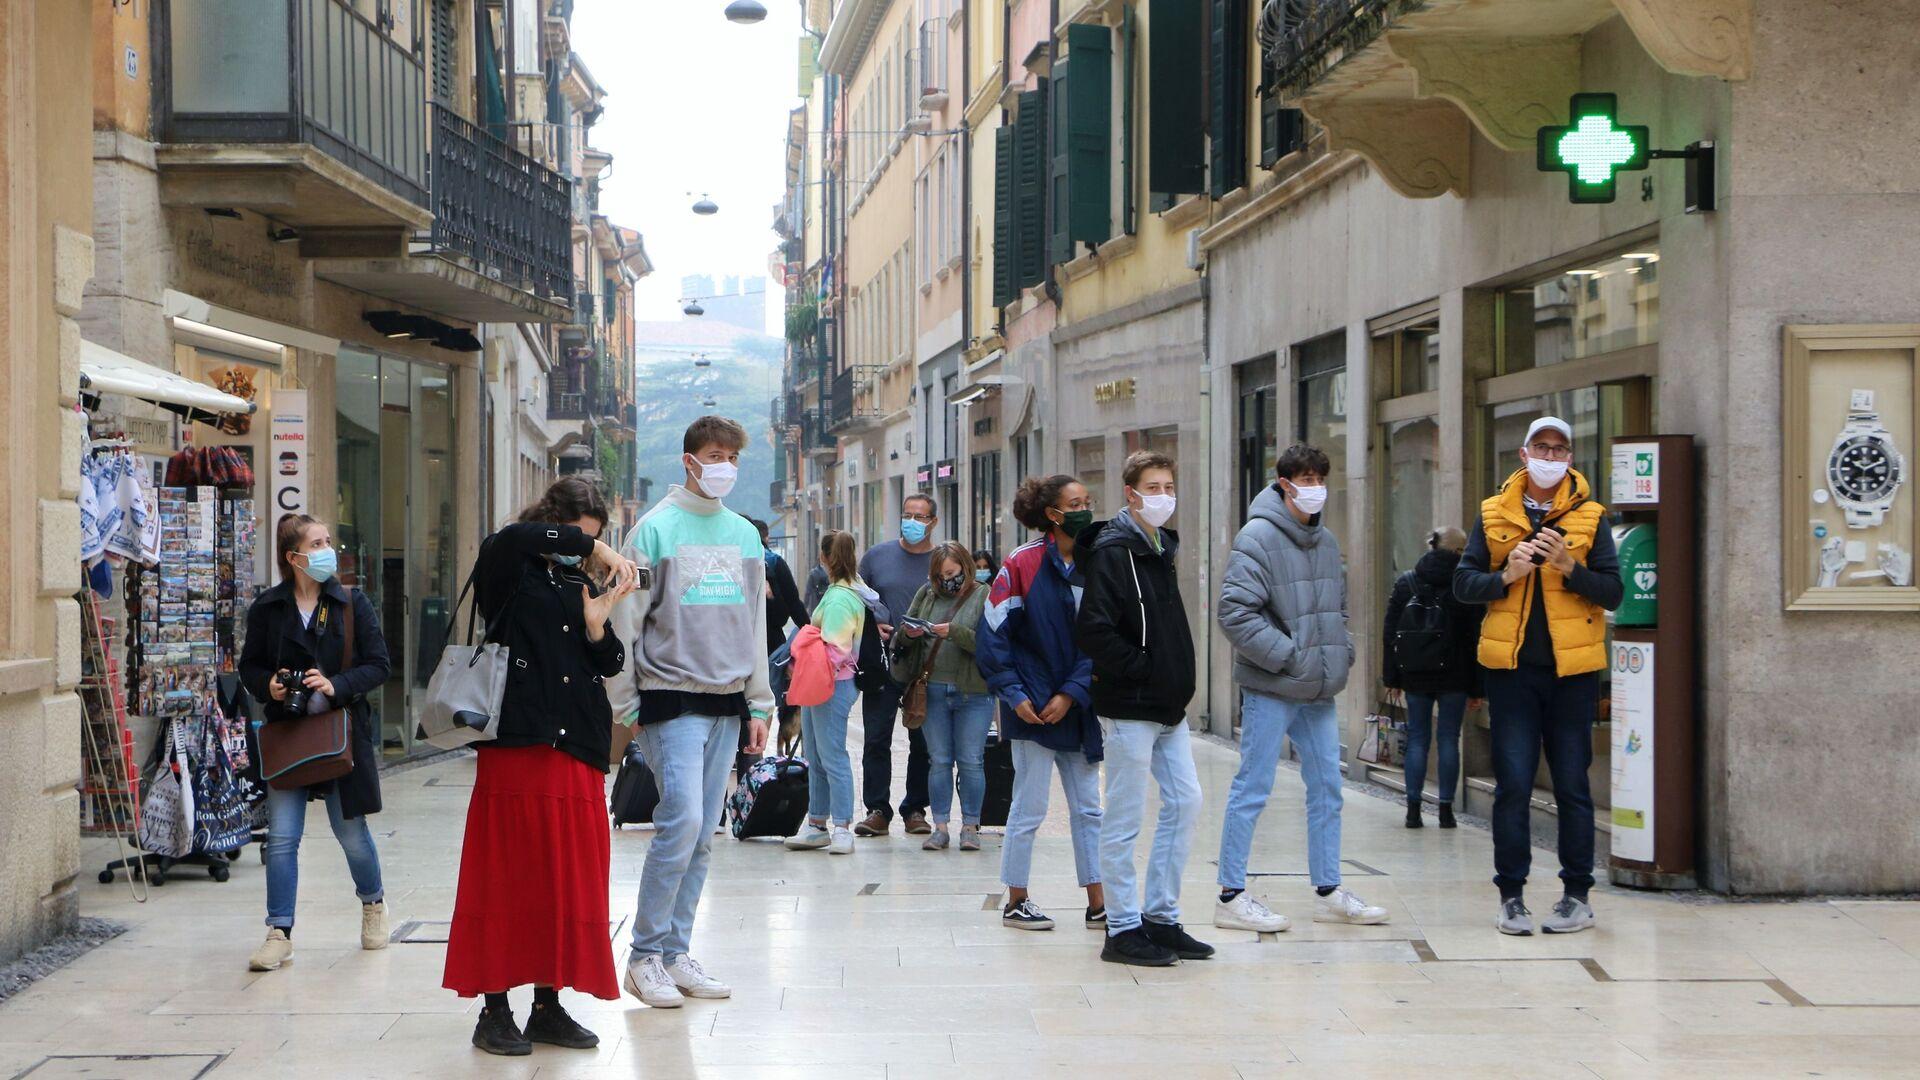 Ragazzi in mascherina in una strada - Sputnik Italia, 1920, 01.02.2021